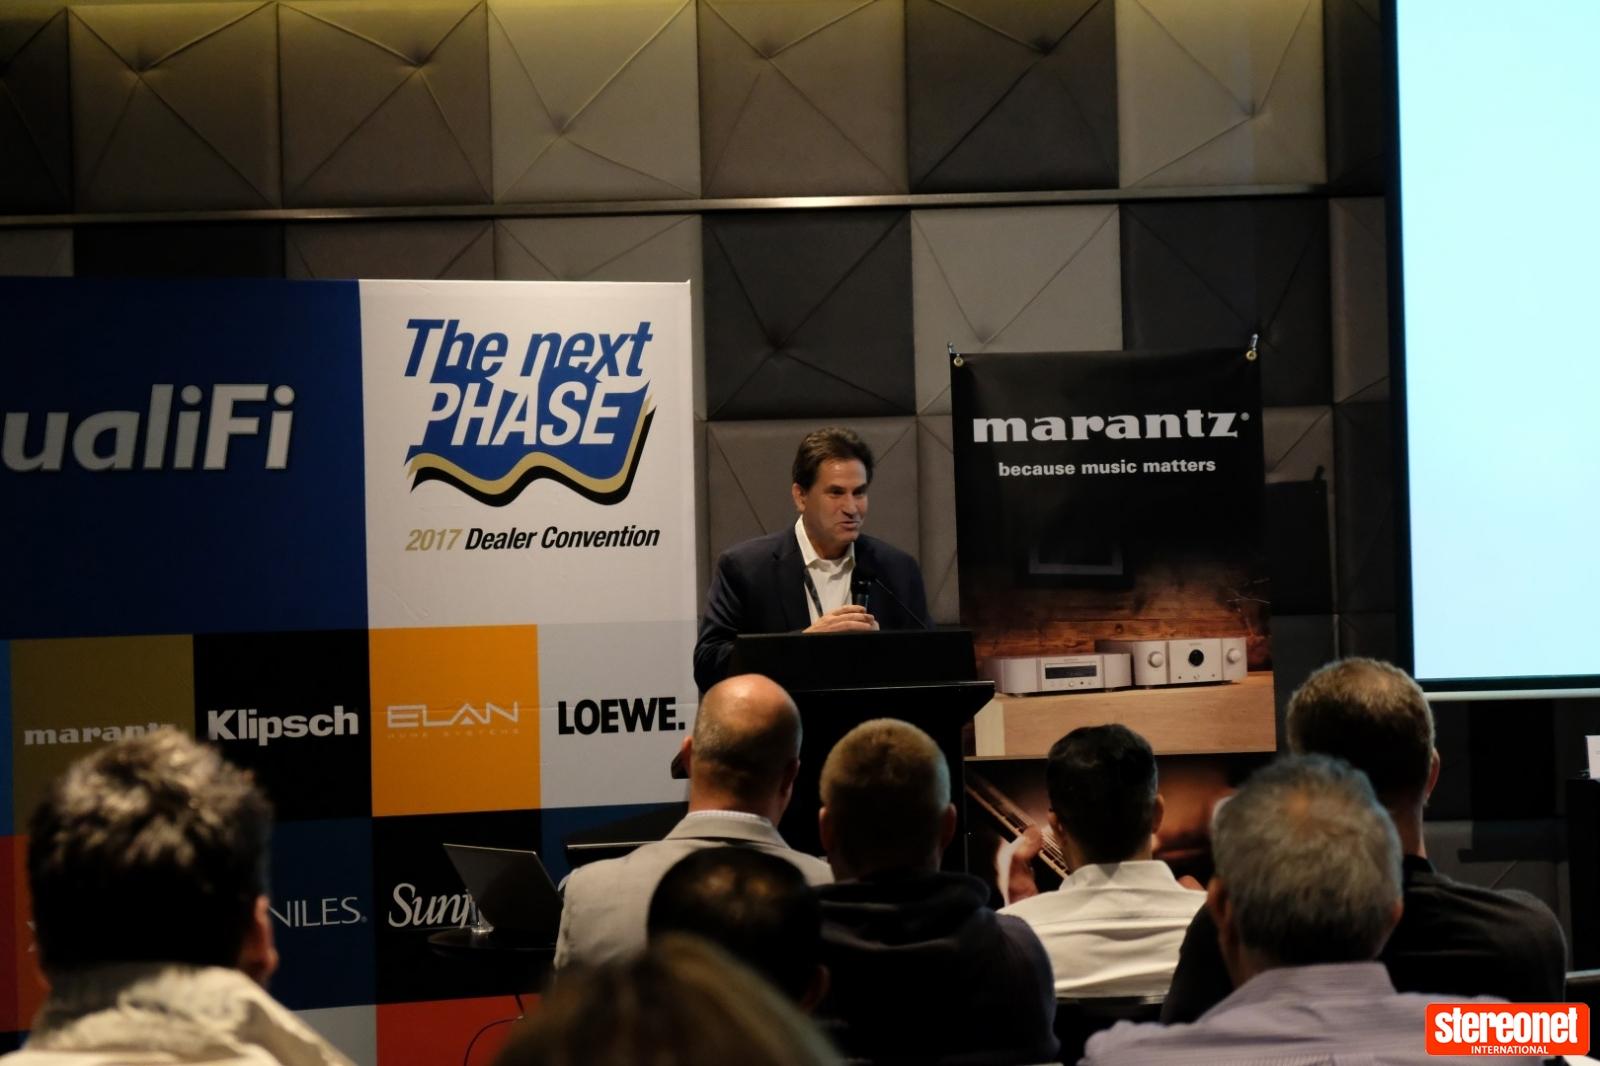 QualiFi CEO, Michael Henriksen, 2017 Dealer Convention, Queensland.